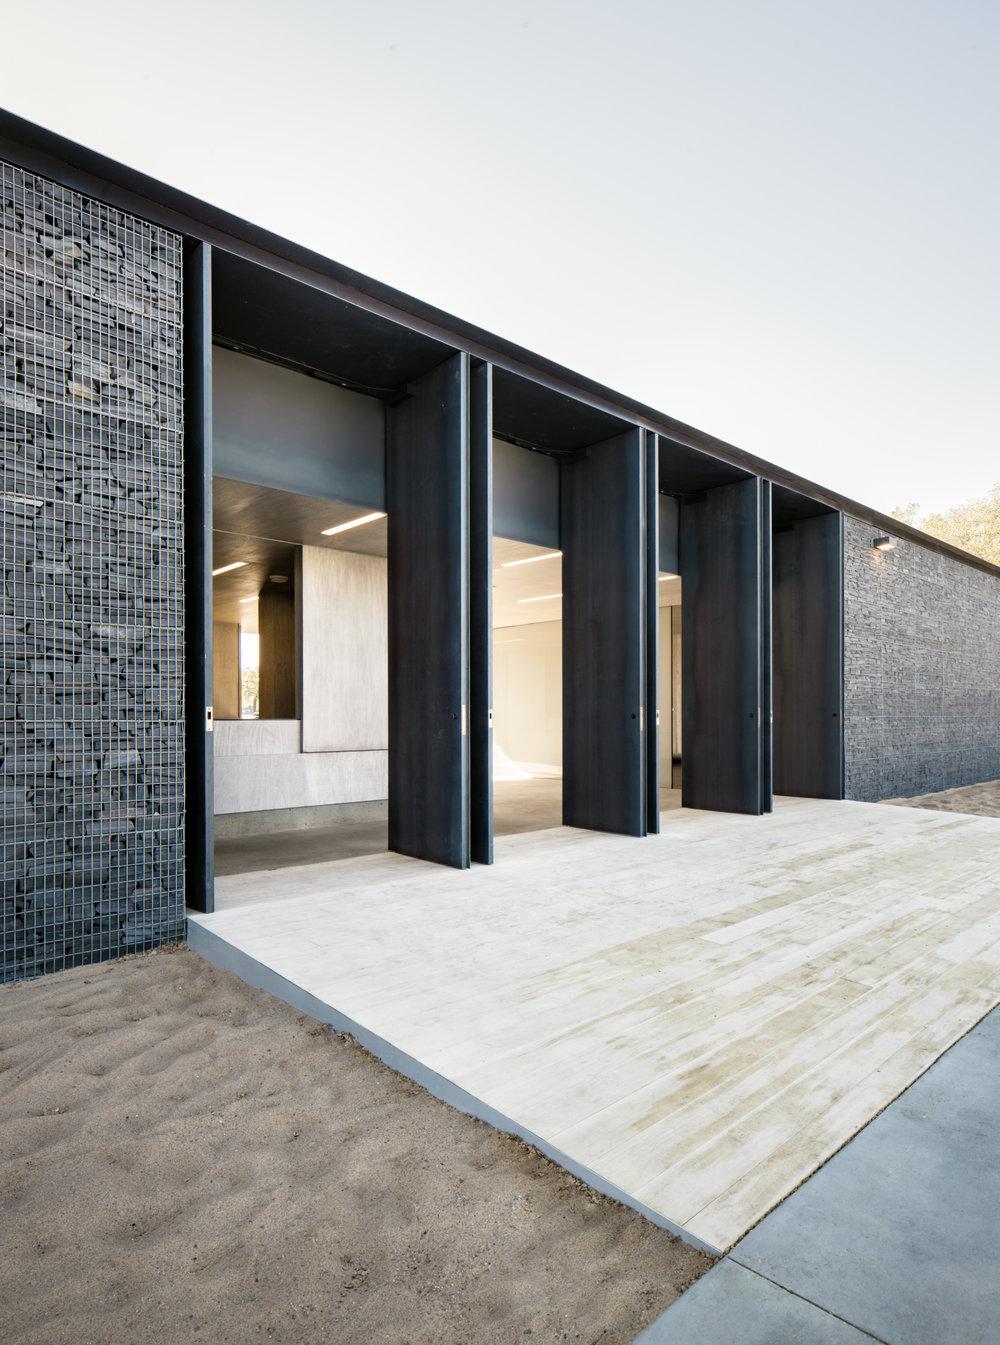 gh3 - Borden Park Natural Swimming Pool - Main Doors